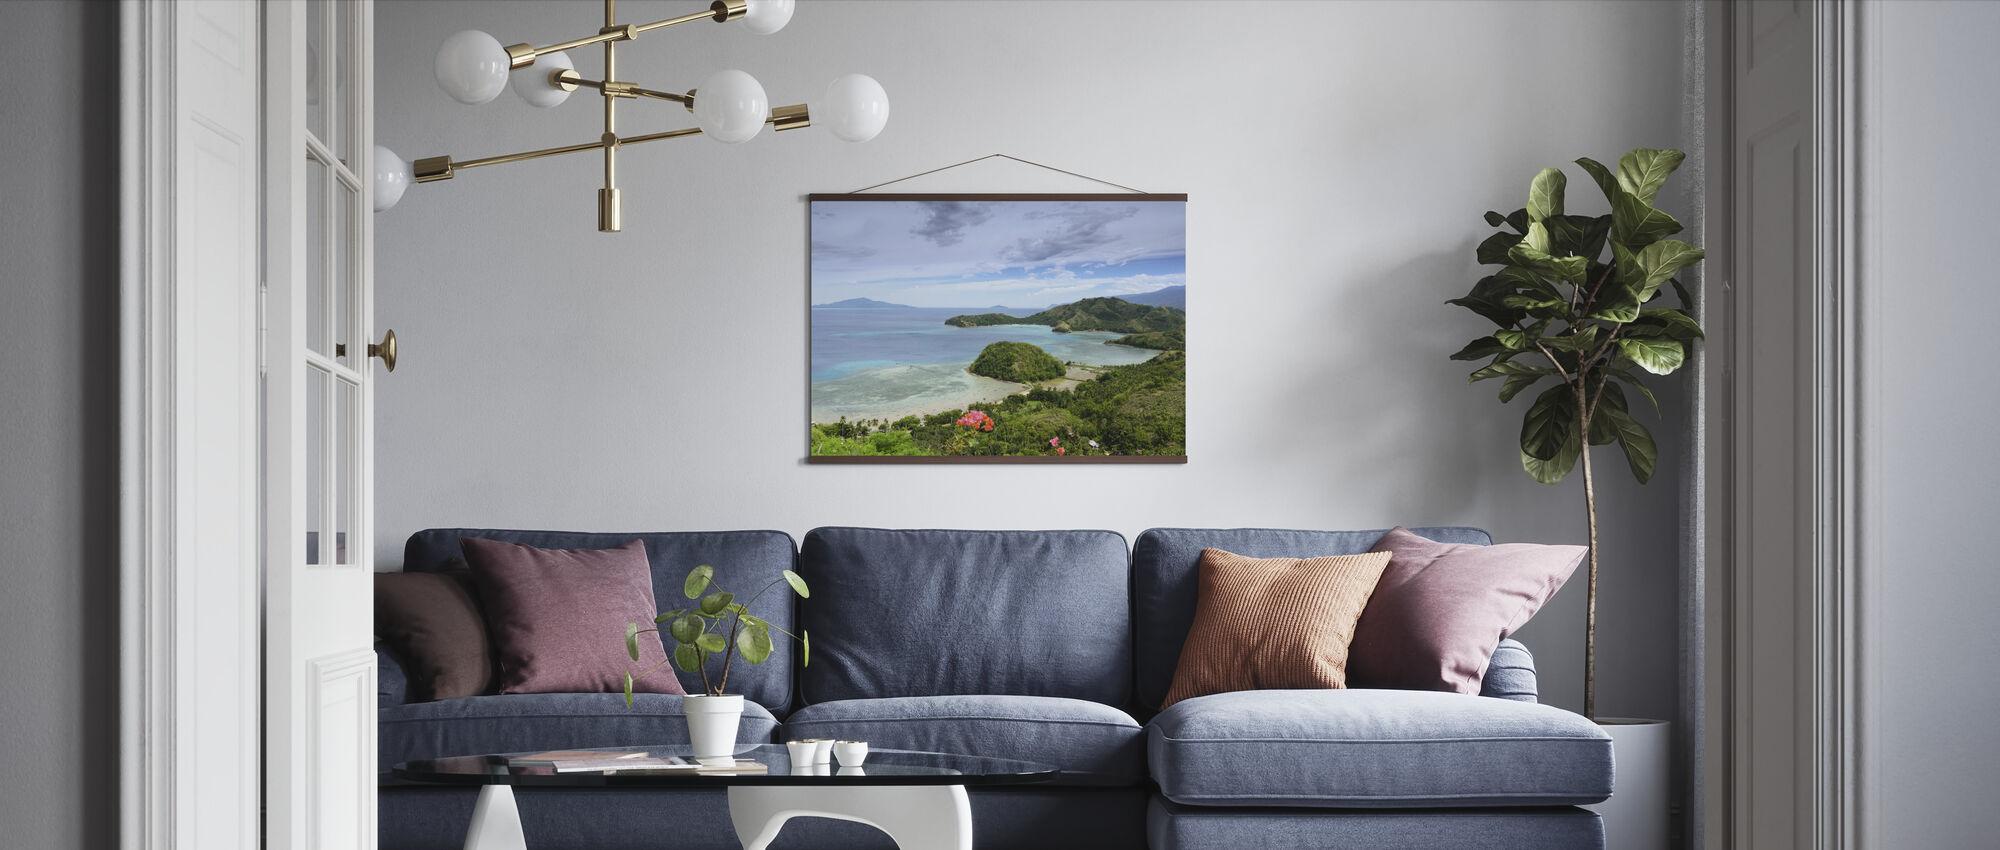 Sleeping Dinosaur in Mati - Poster - Living Room